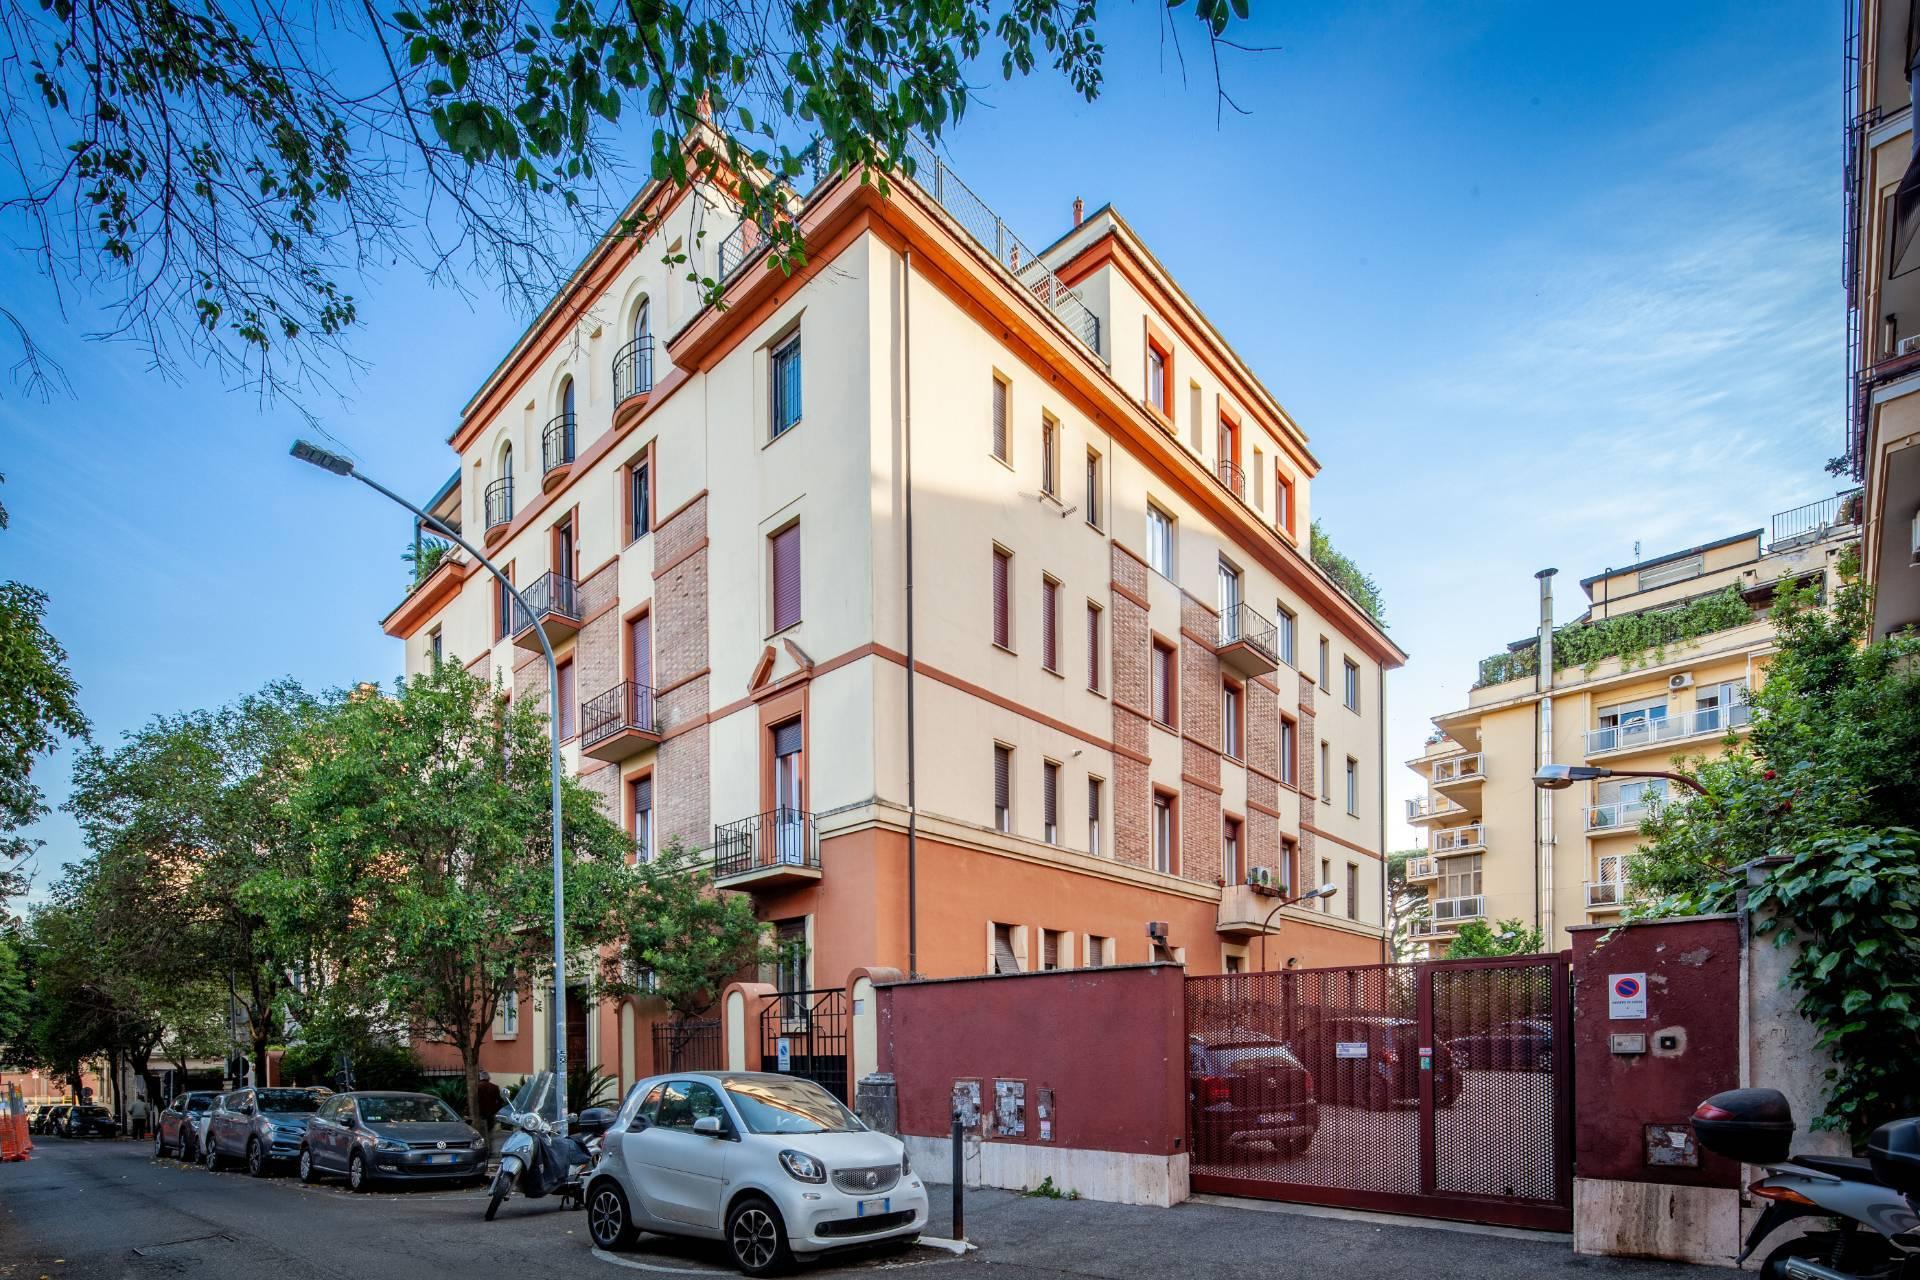 Appartamento in Vendita a Roma via di villa emiliani